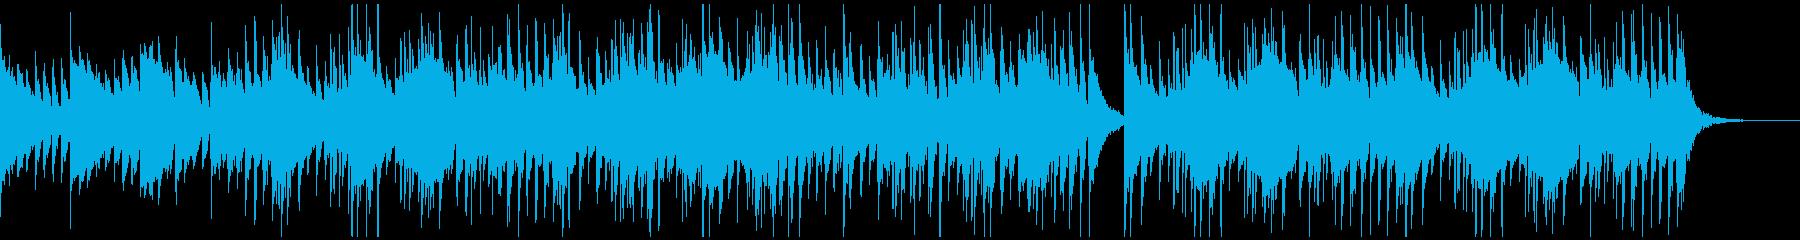 チルアウトなアコギインストの再生済みの波形